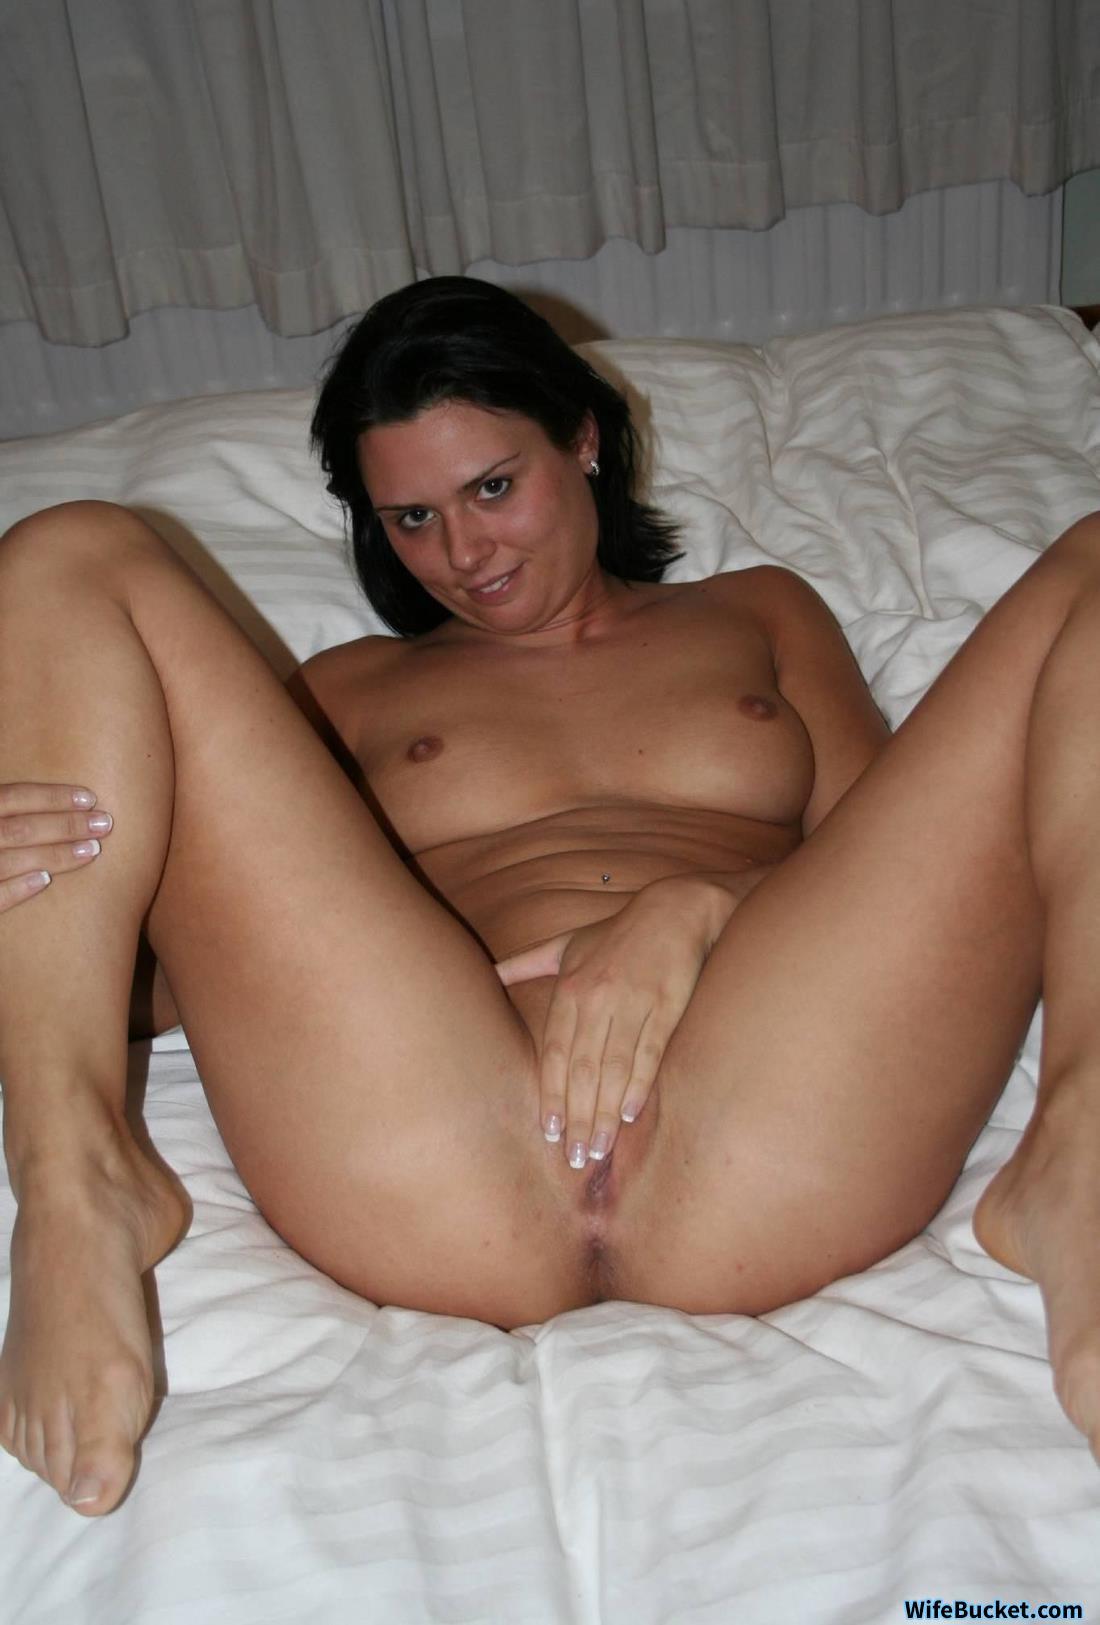 Hot fat ass slut